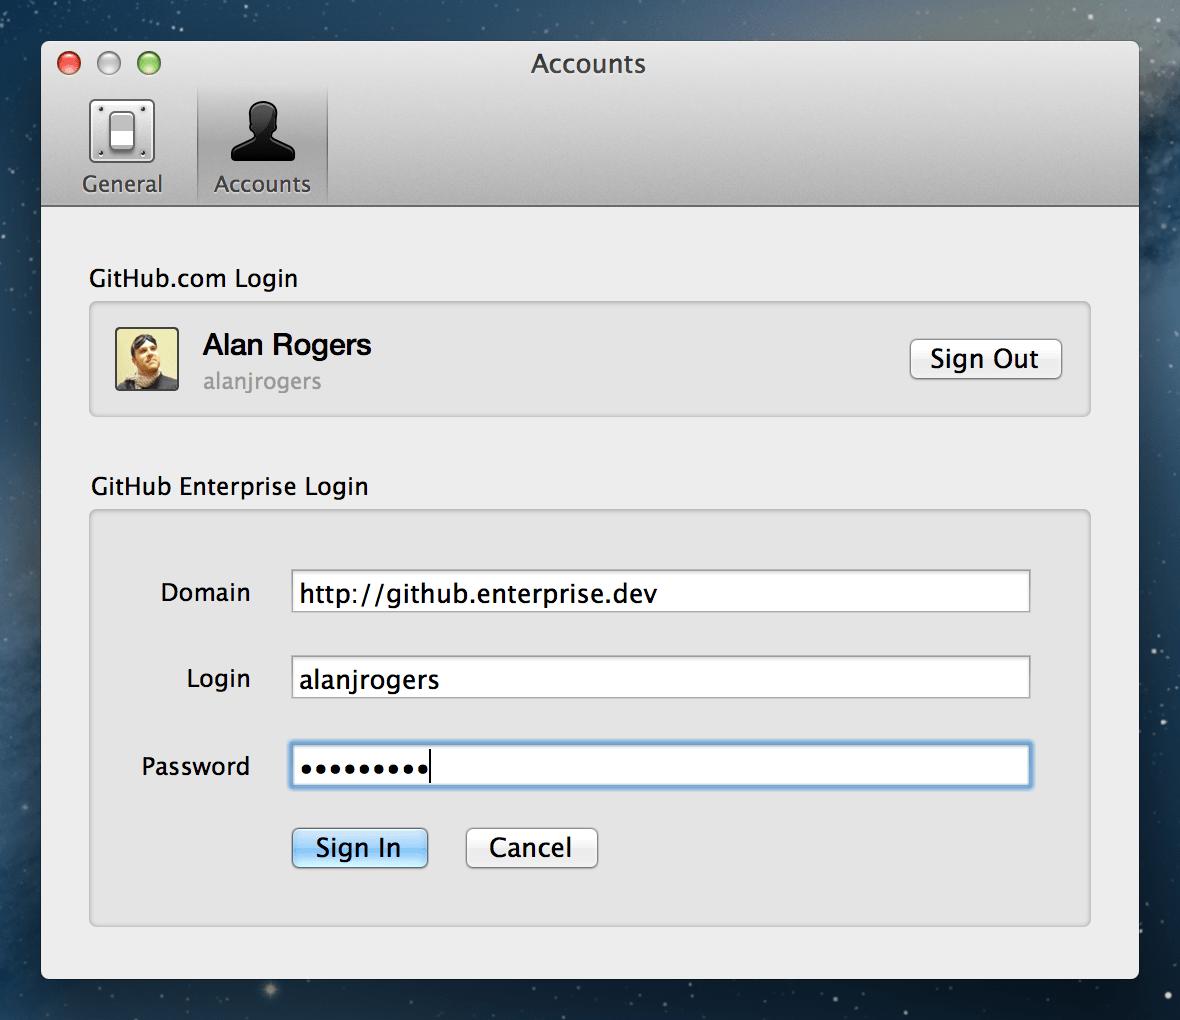 Enterprise login form